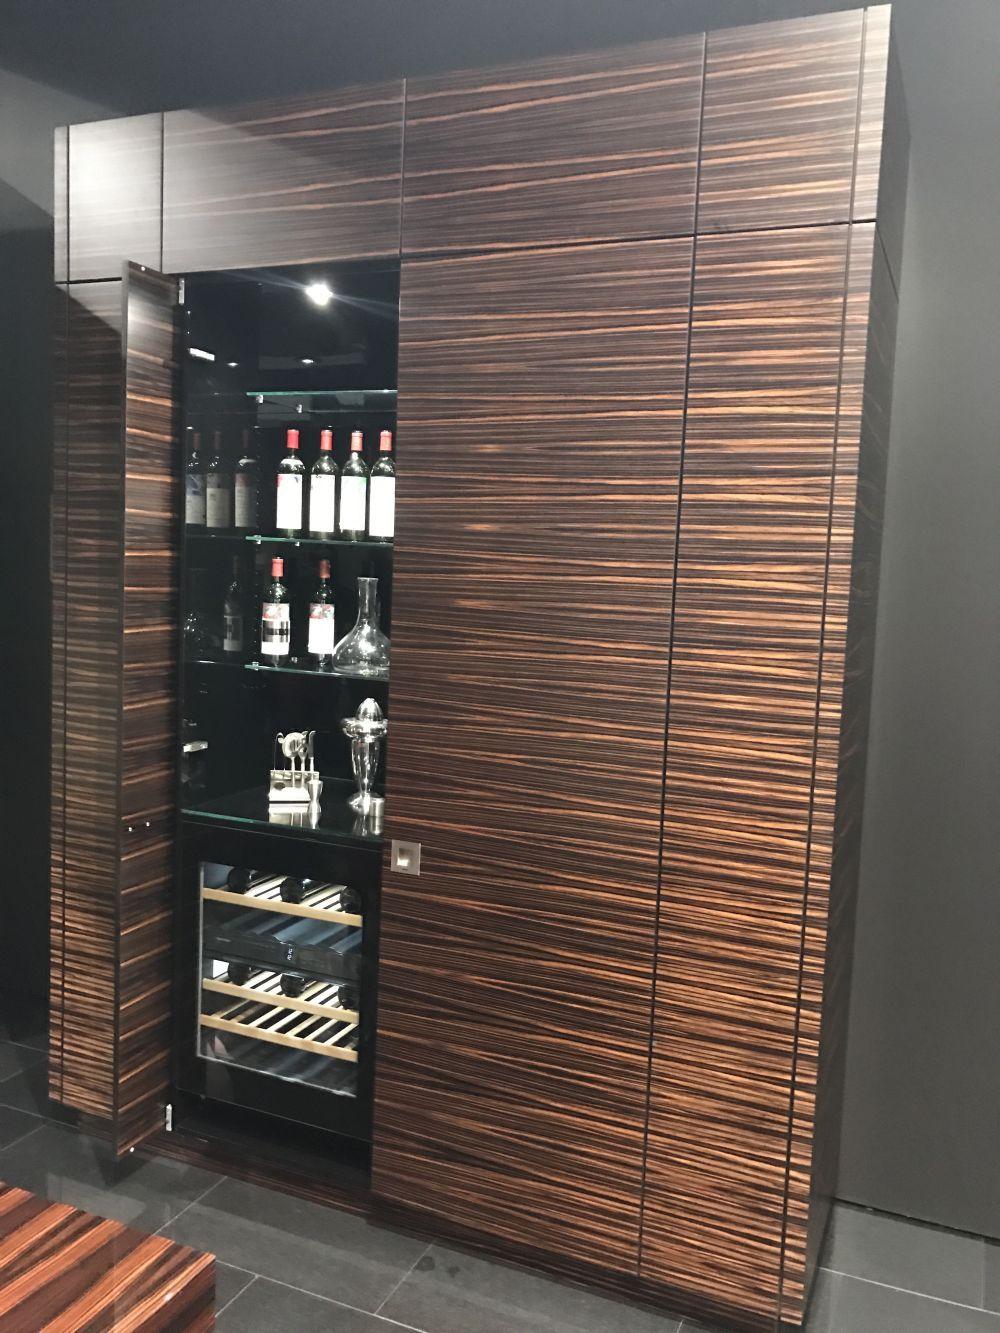 Badezimmer design tür hinter geschlossenen türen  die geheimnisse einer modernen küche